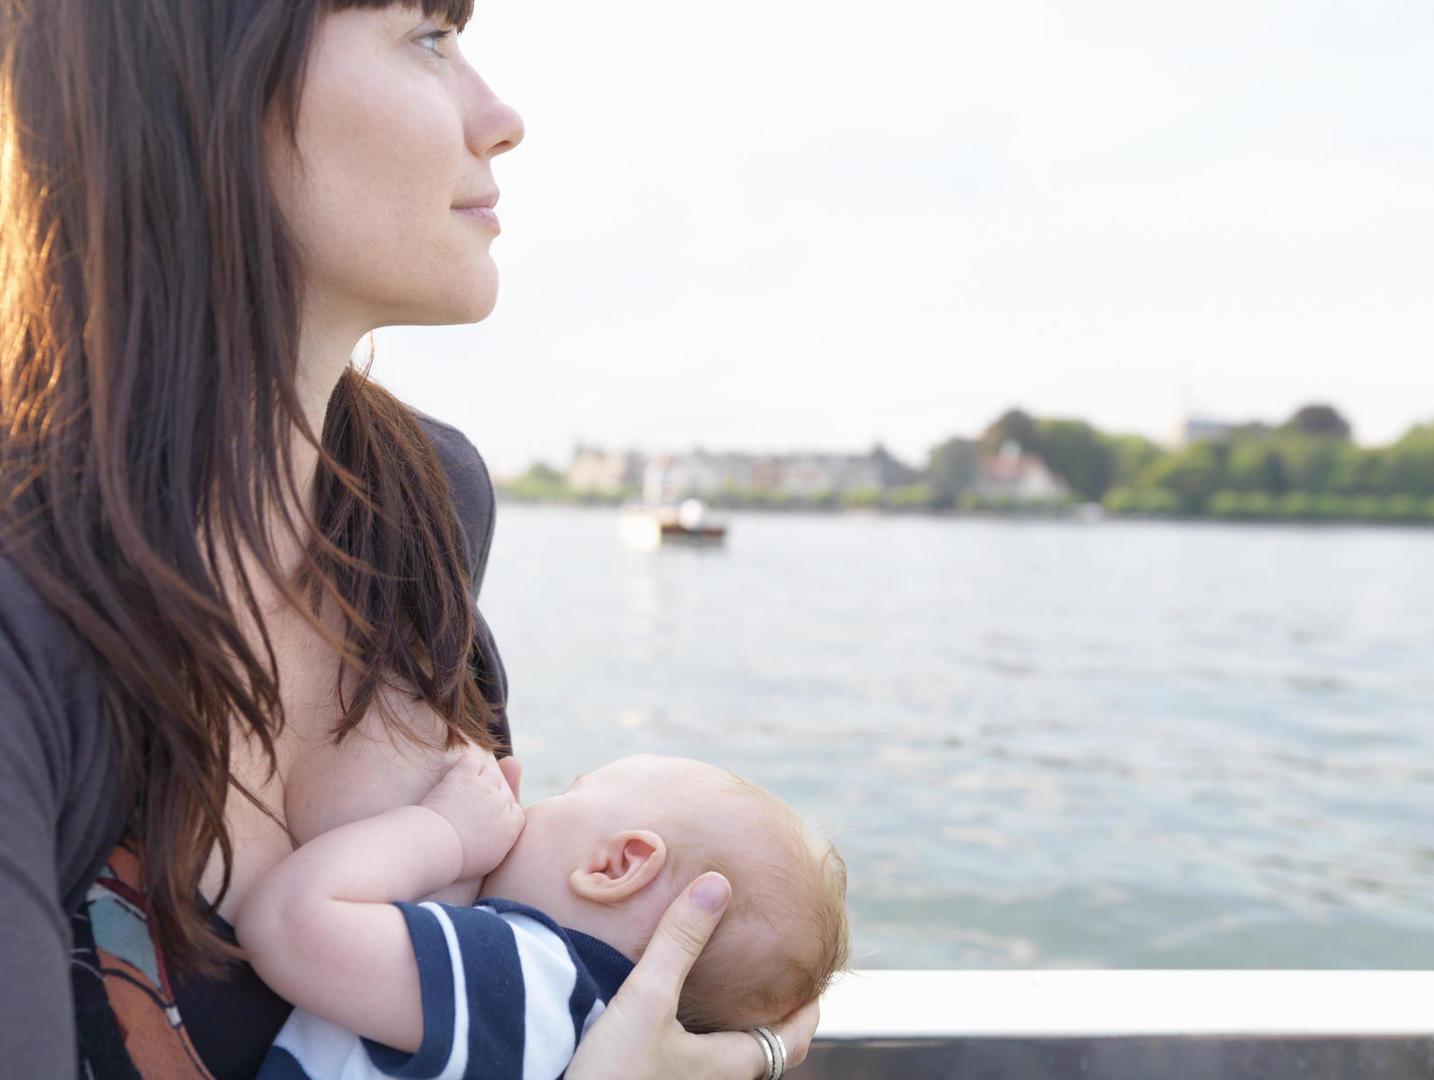 Girls filmed breastfeeding, booyah porn clip